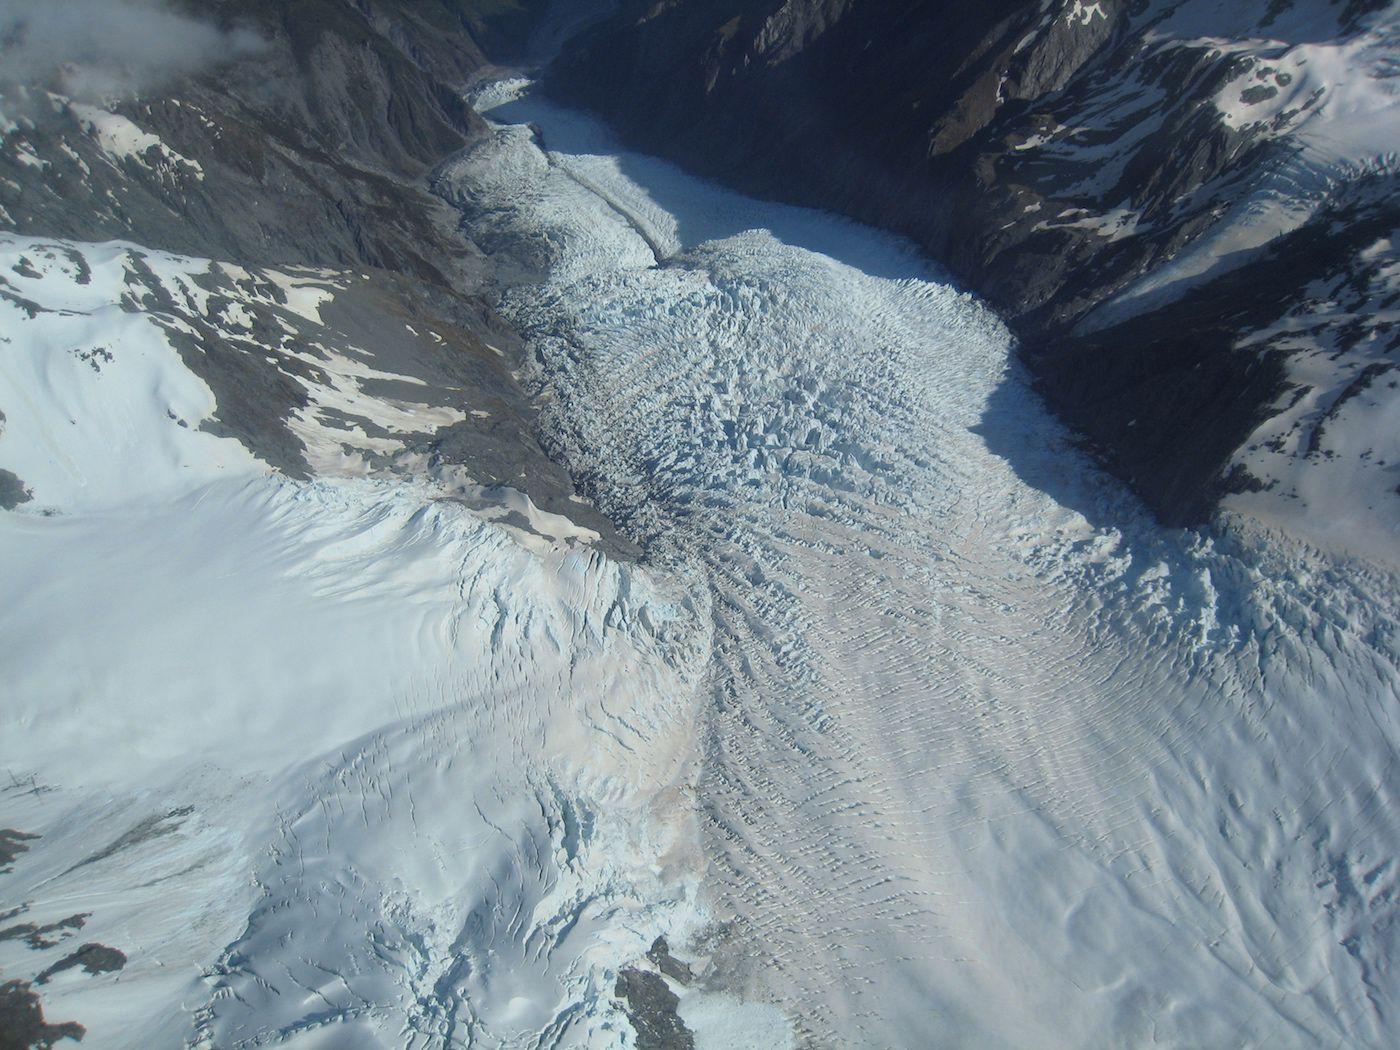 Image d'illustration pour COP 21 - Réchauffement & changement climatique : veille documentaire